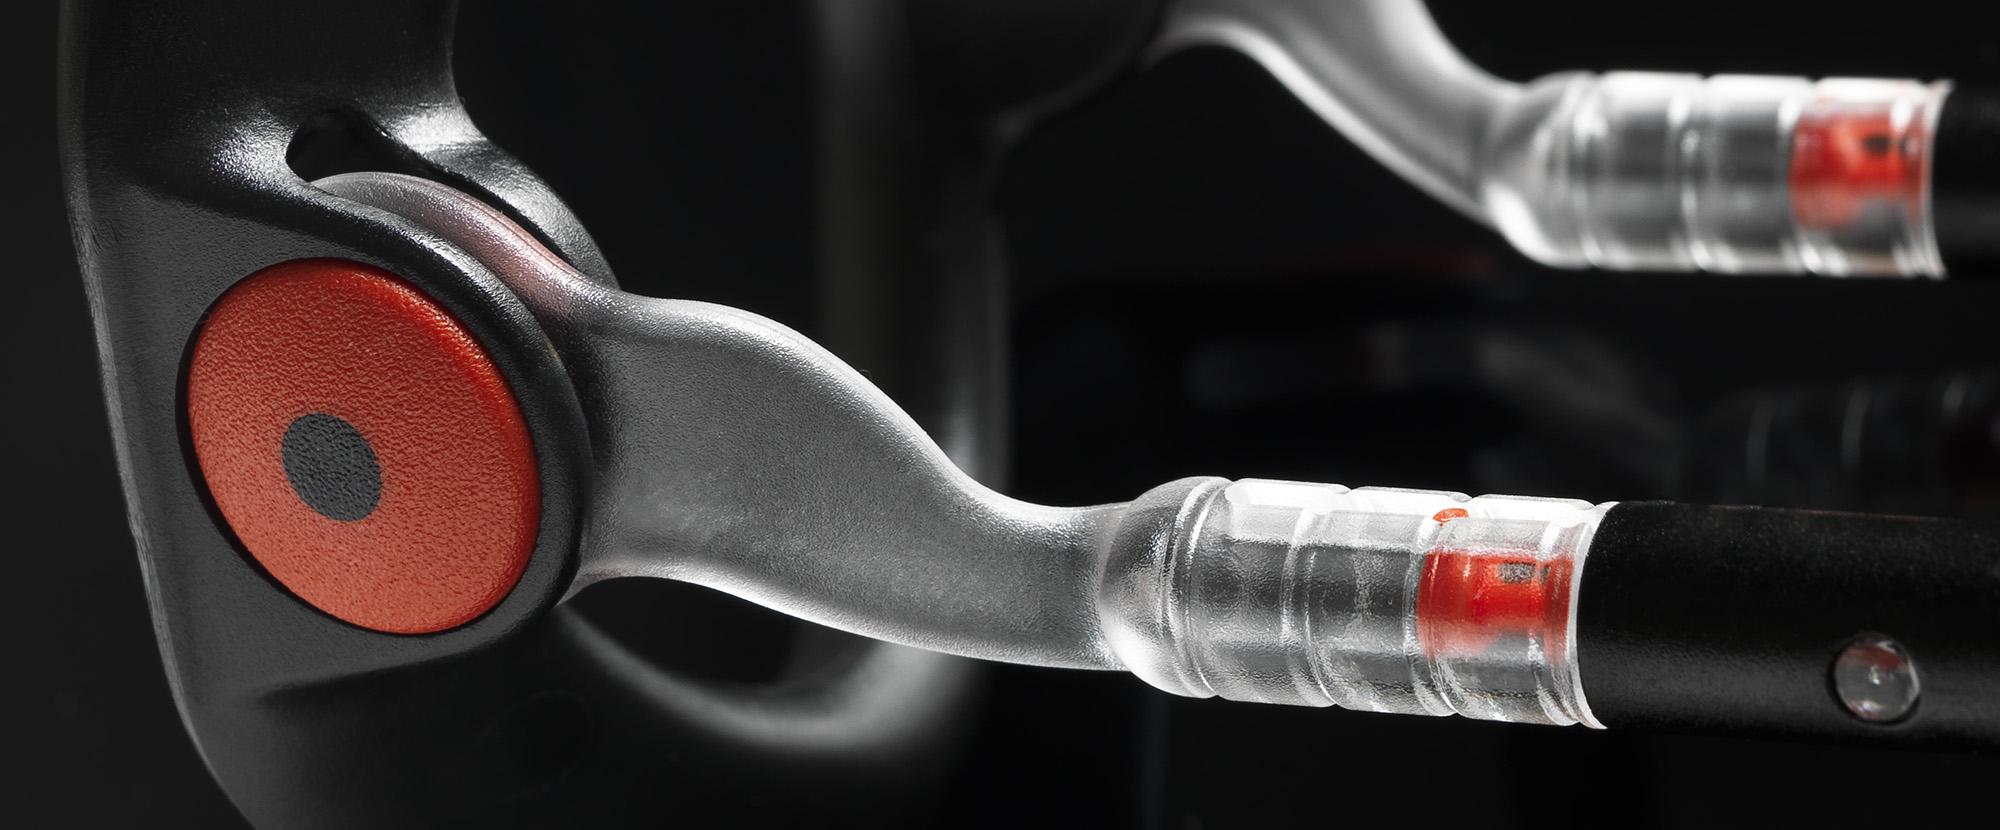 механизм отслеживания нагрузки на пенис